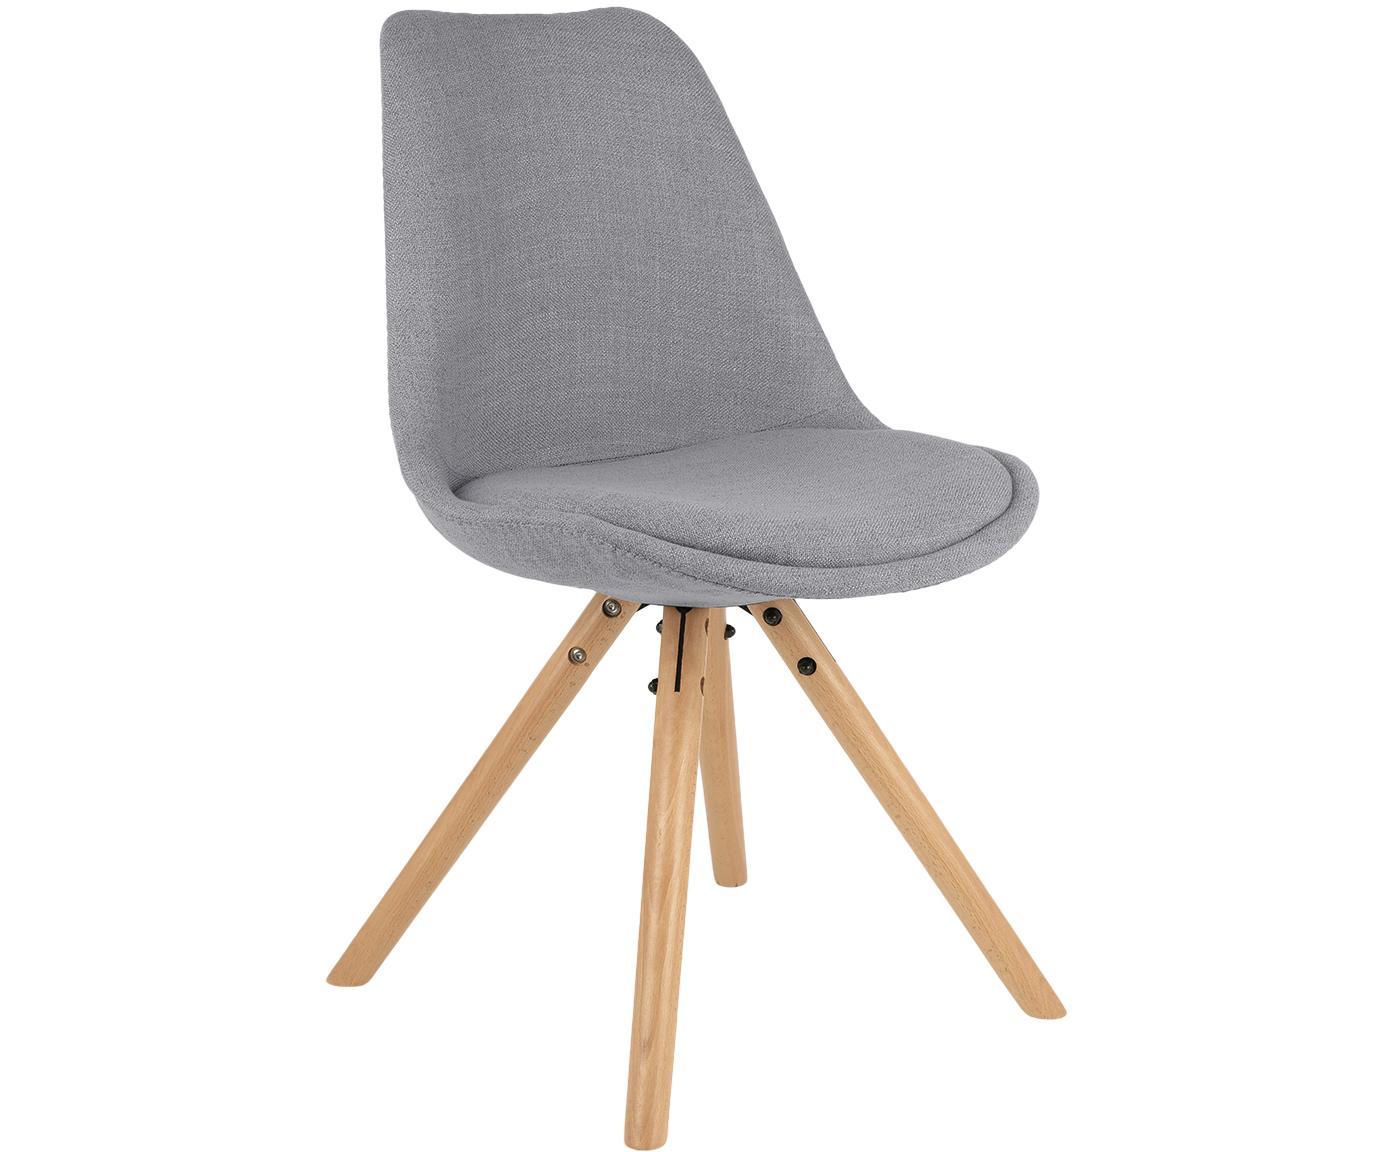 Krzesło tapicerowane scandi Max, 2 szt., Tapicerka: poliester 20000 cykli w , Tapicerka: pianka, Nogi: drewno bukowe, Szary, S 46 x G 54 cm